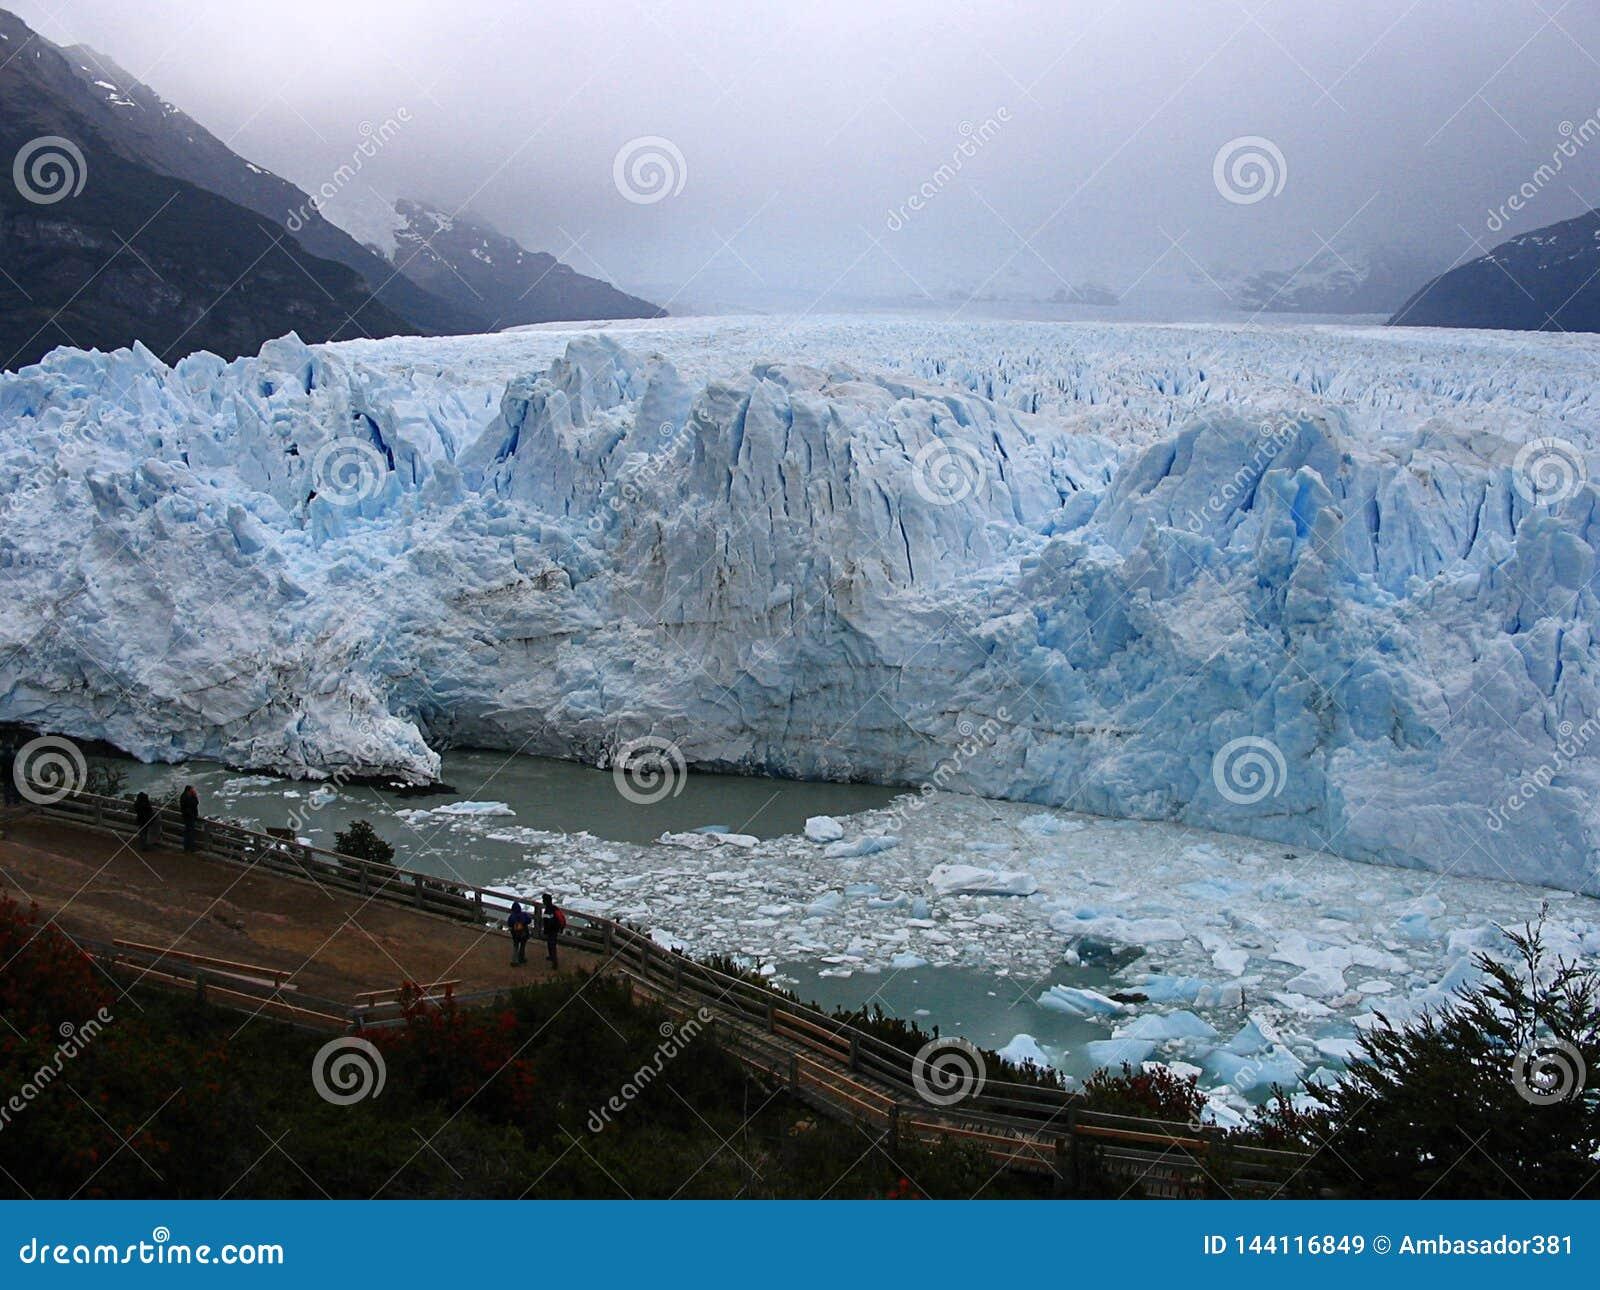 Glacier Perito moreno in Patagonia, sur of Argentina